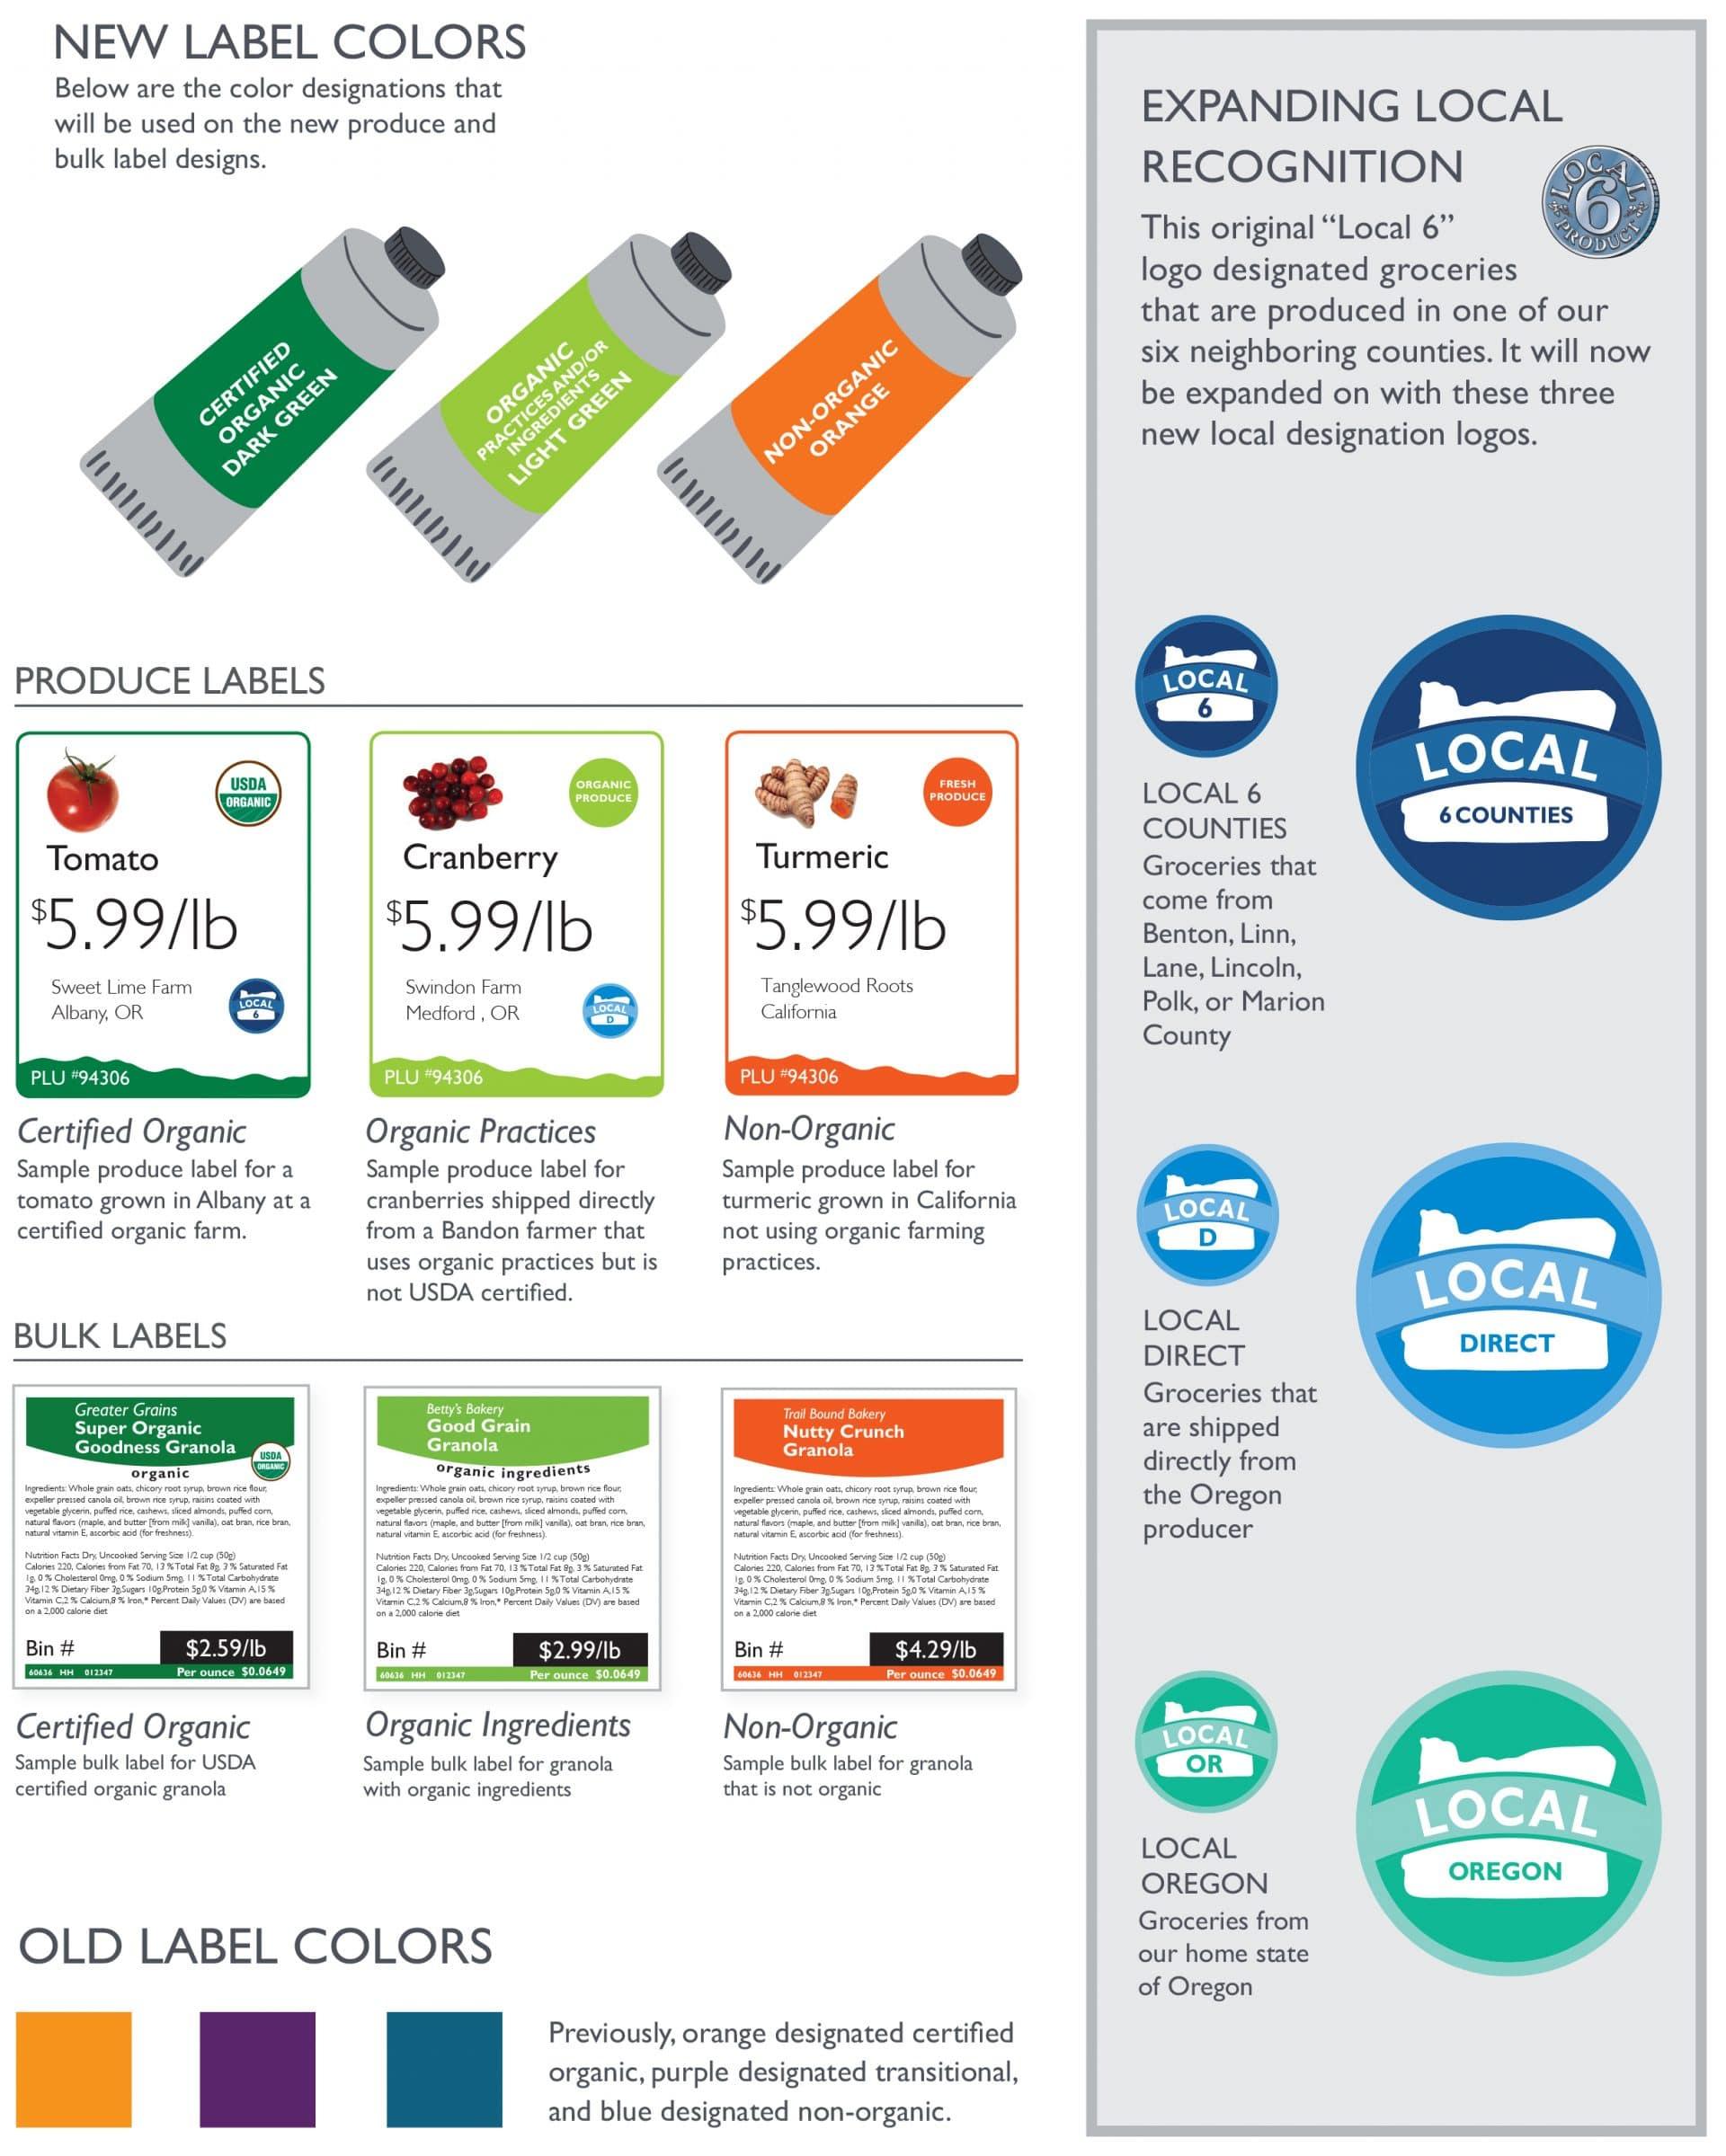 Label Change Information